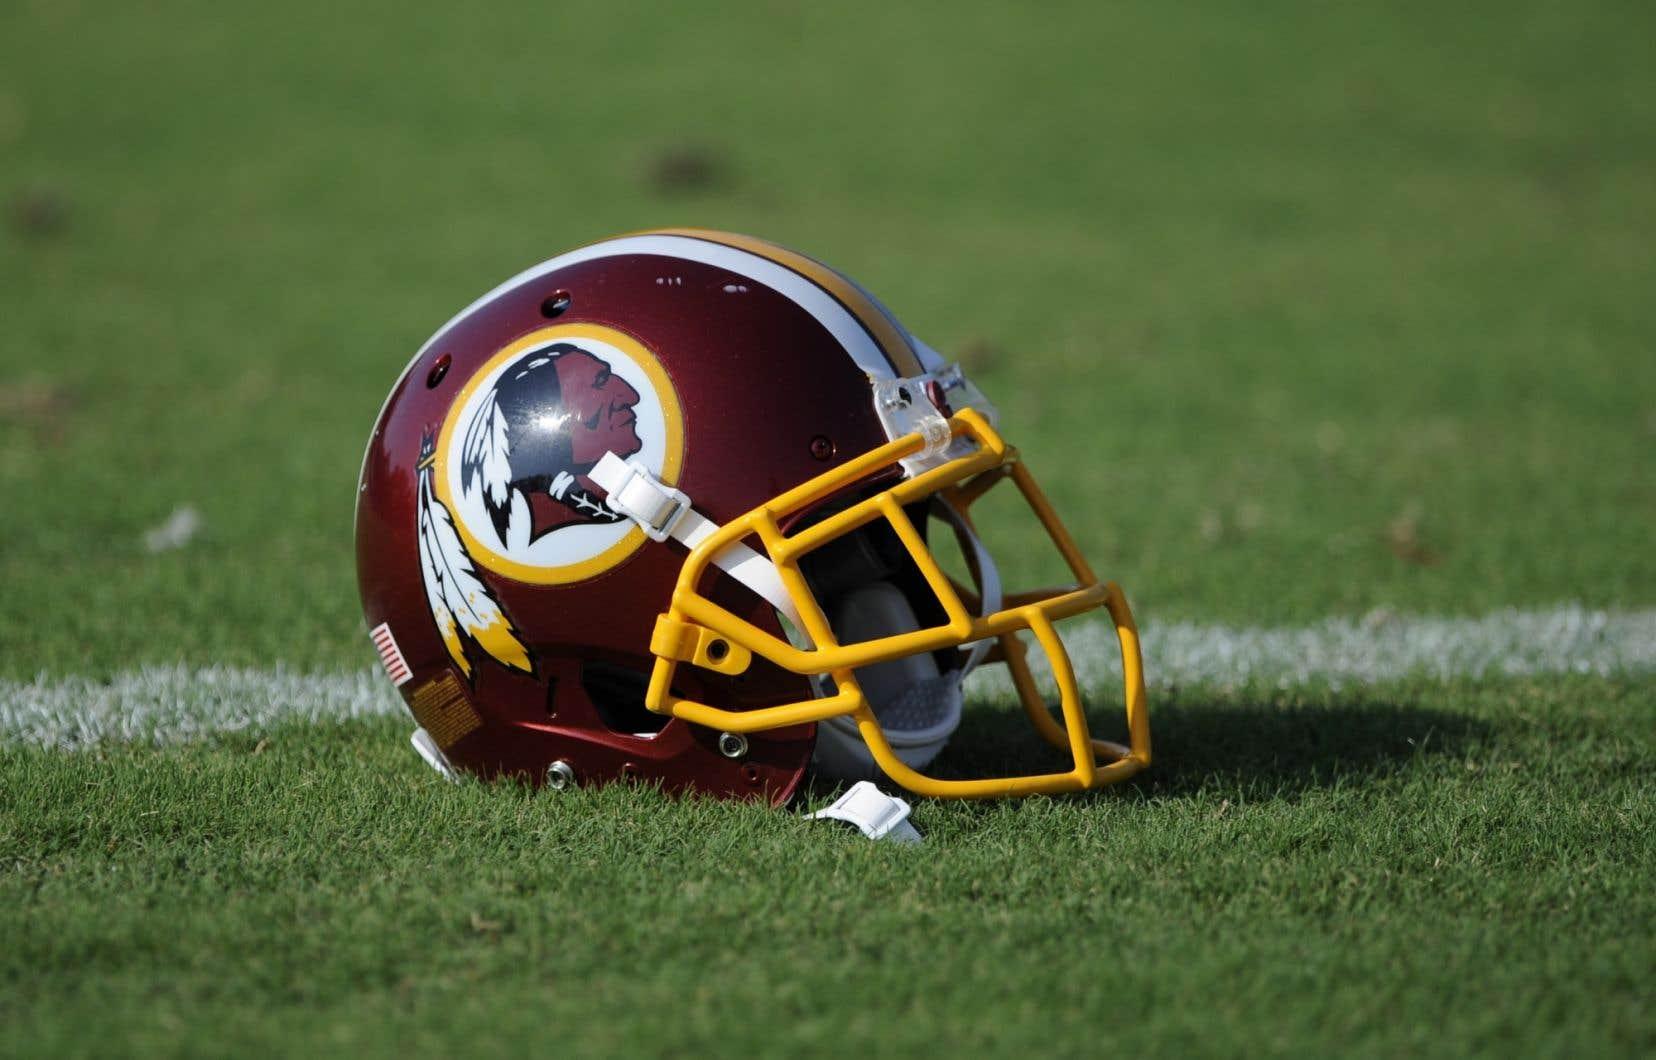 Les dirigeants de l'équipe ont annoncé peu après faire appel, en assurant que cette décision n'avait<em> «aucun effet sur le droit d'utiliser le nom et le logo Redskins».</em>